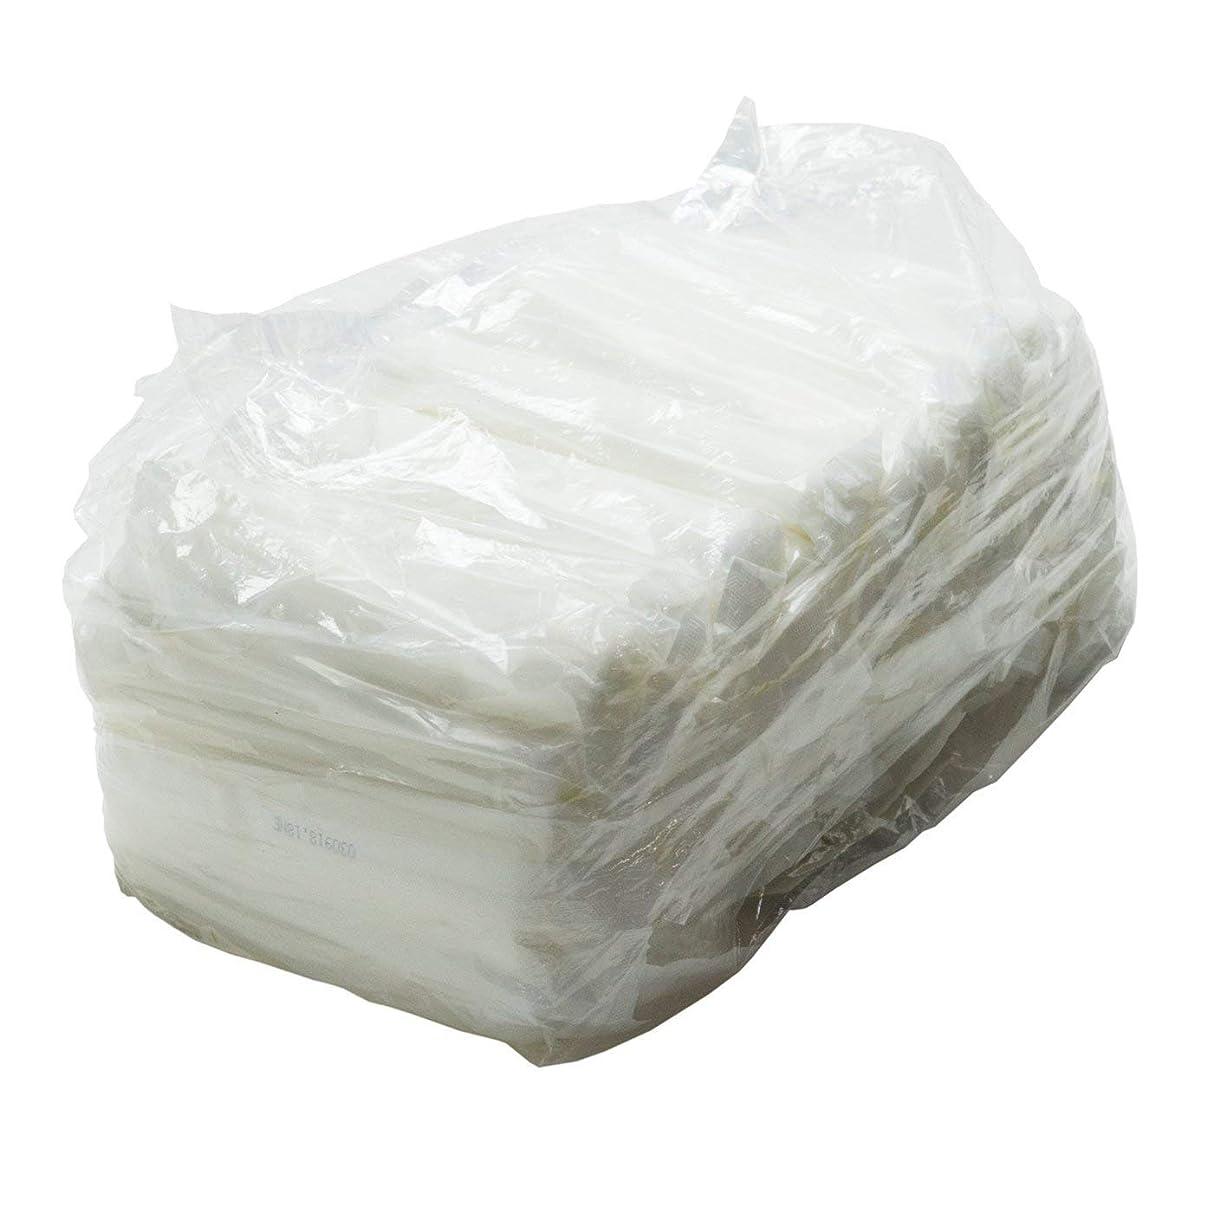 別の喜ぶ製造ストリックスデザイン(Strix Design) 紙おしぼり パルプ不織布 個包装 ホワイト 約縦26.5×横30cm(一本当たり) 大判 厚手 日本製 MB-806 60本入